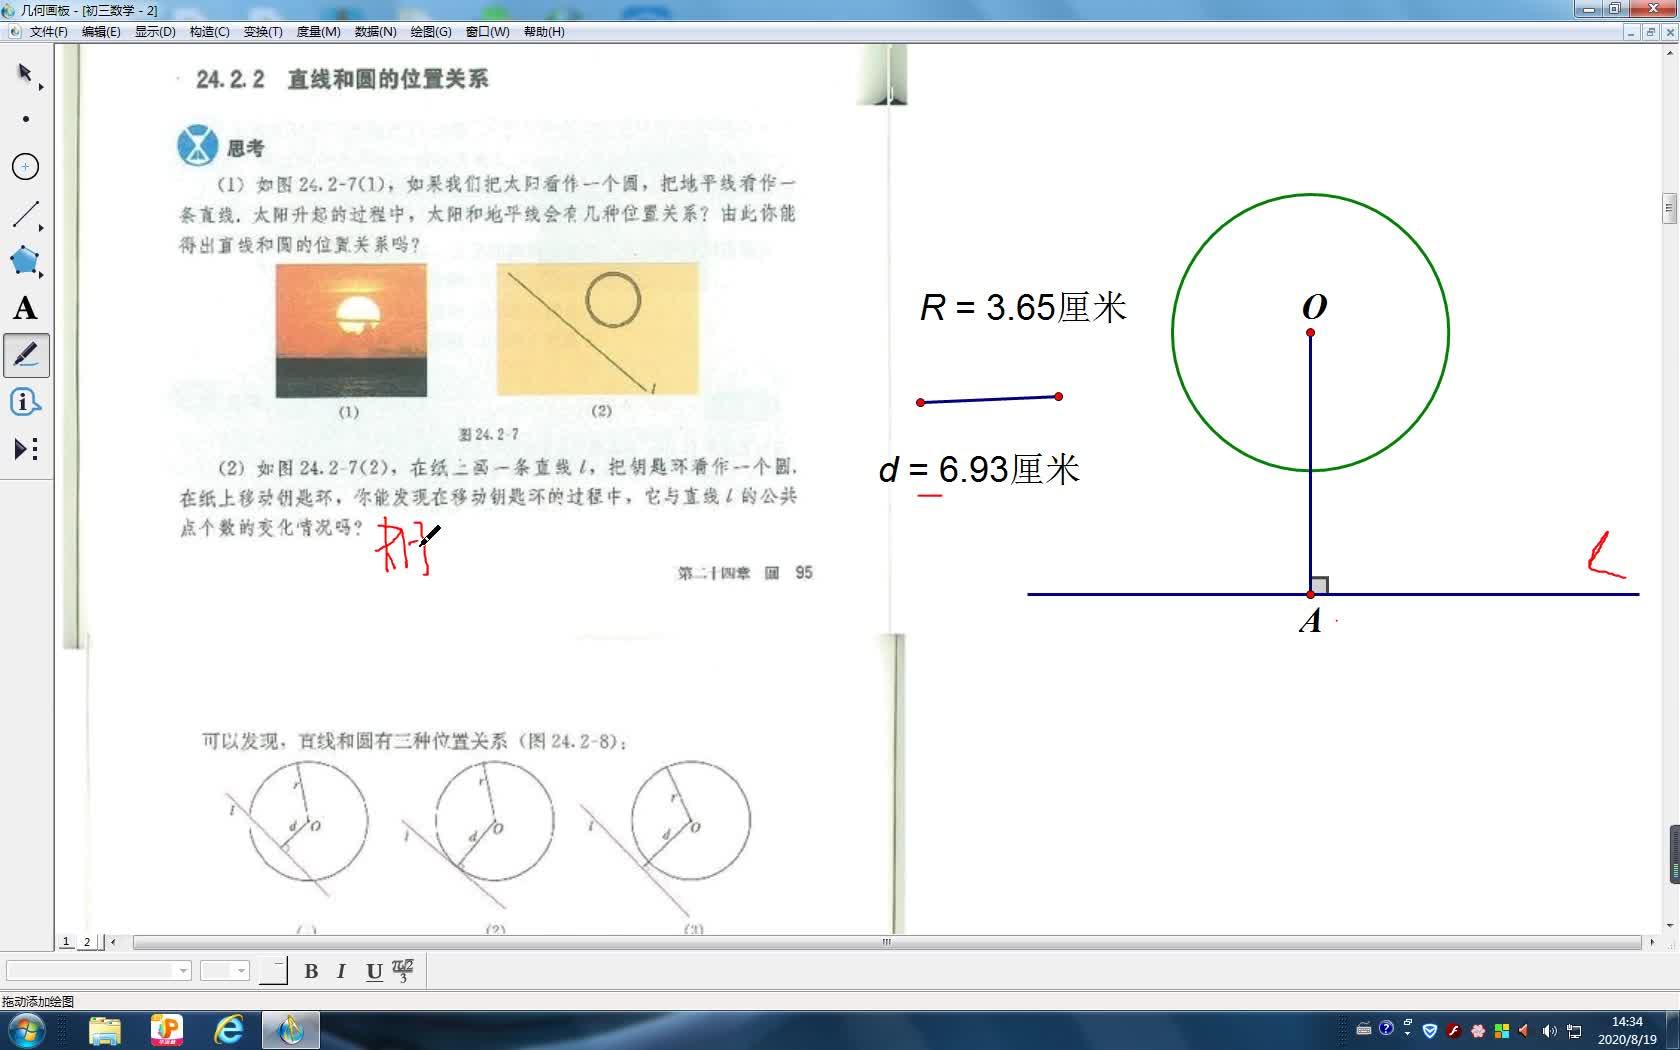 人教版 九年级上册  24.2.2直线与圆的位置关系  视频讲解人教版 九年级上册  24.2.2直线与圆的位置关系  视频讲解人教版 九年级上册  24.2.2直线与圆的位置关系  视频讲解